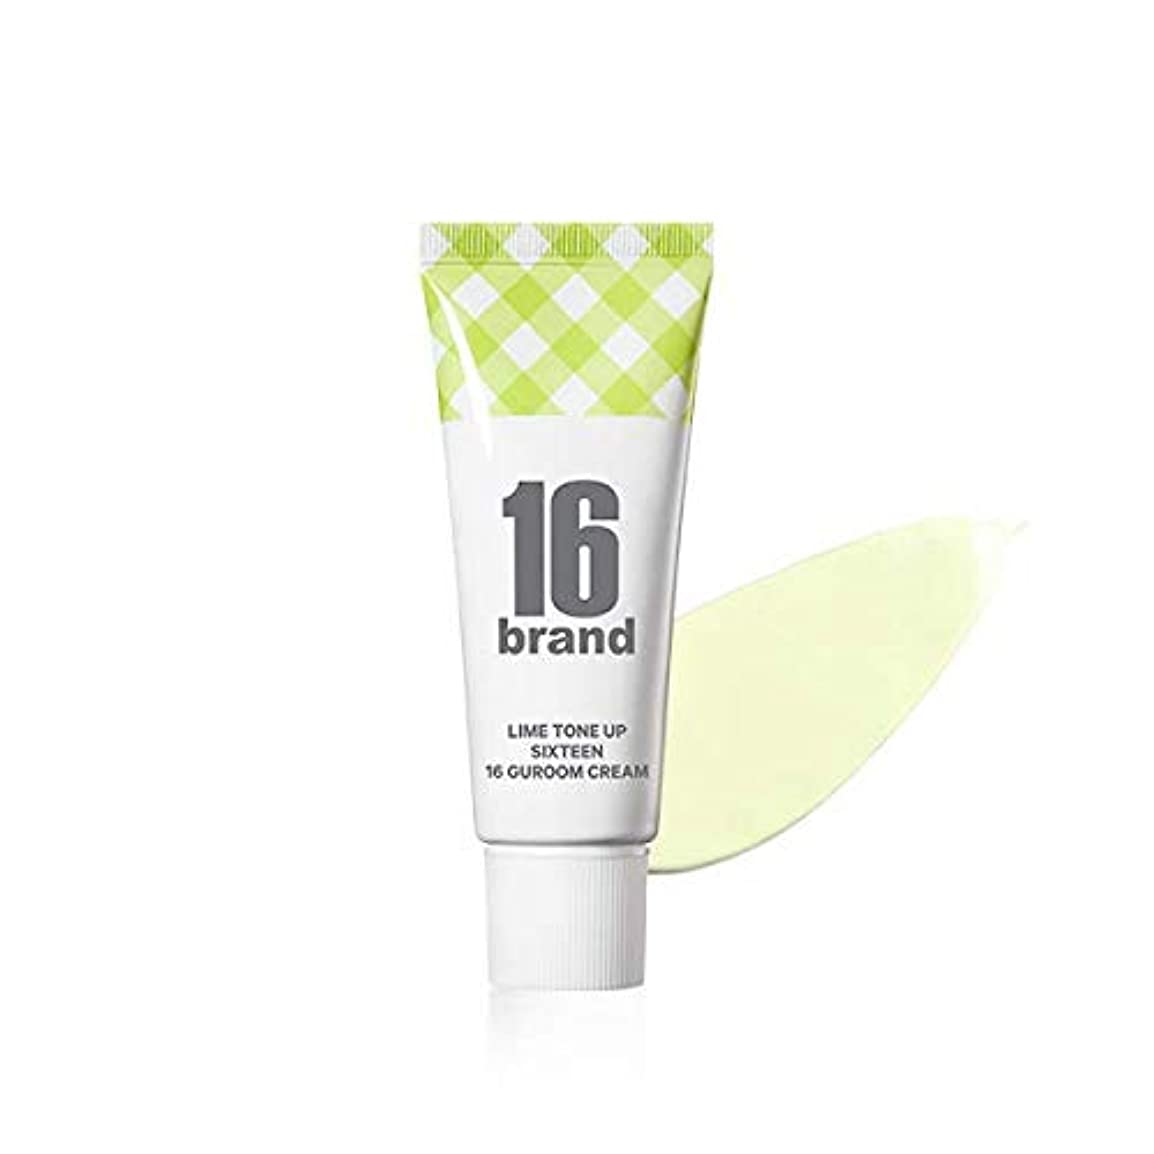 ナインへ開発十分な16 Brand Sixteen Guroom Lime Tone Up Cream * 30ml (tube type) / 16ブランド シックスティーン クルム ライムクリーム SPF30 PA++ [並行輸入品]